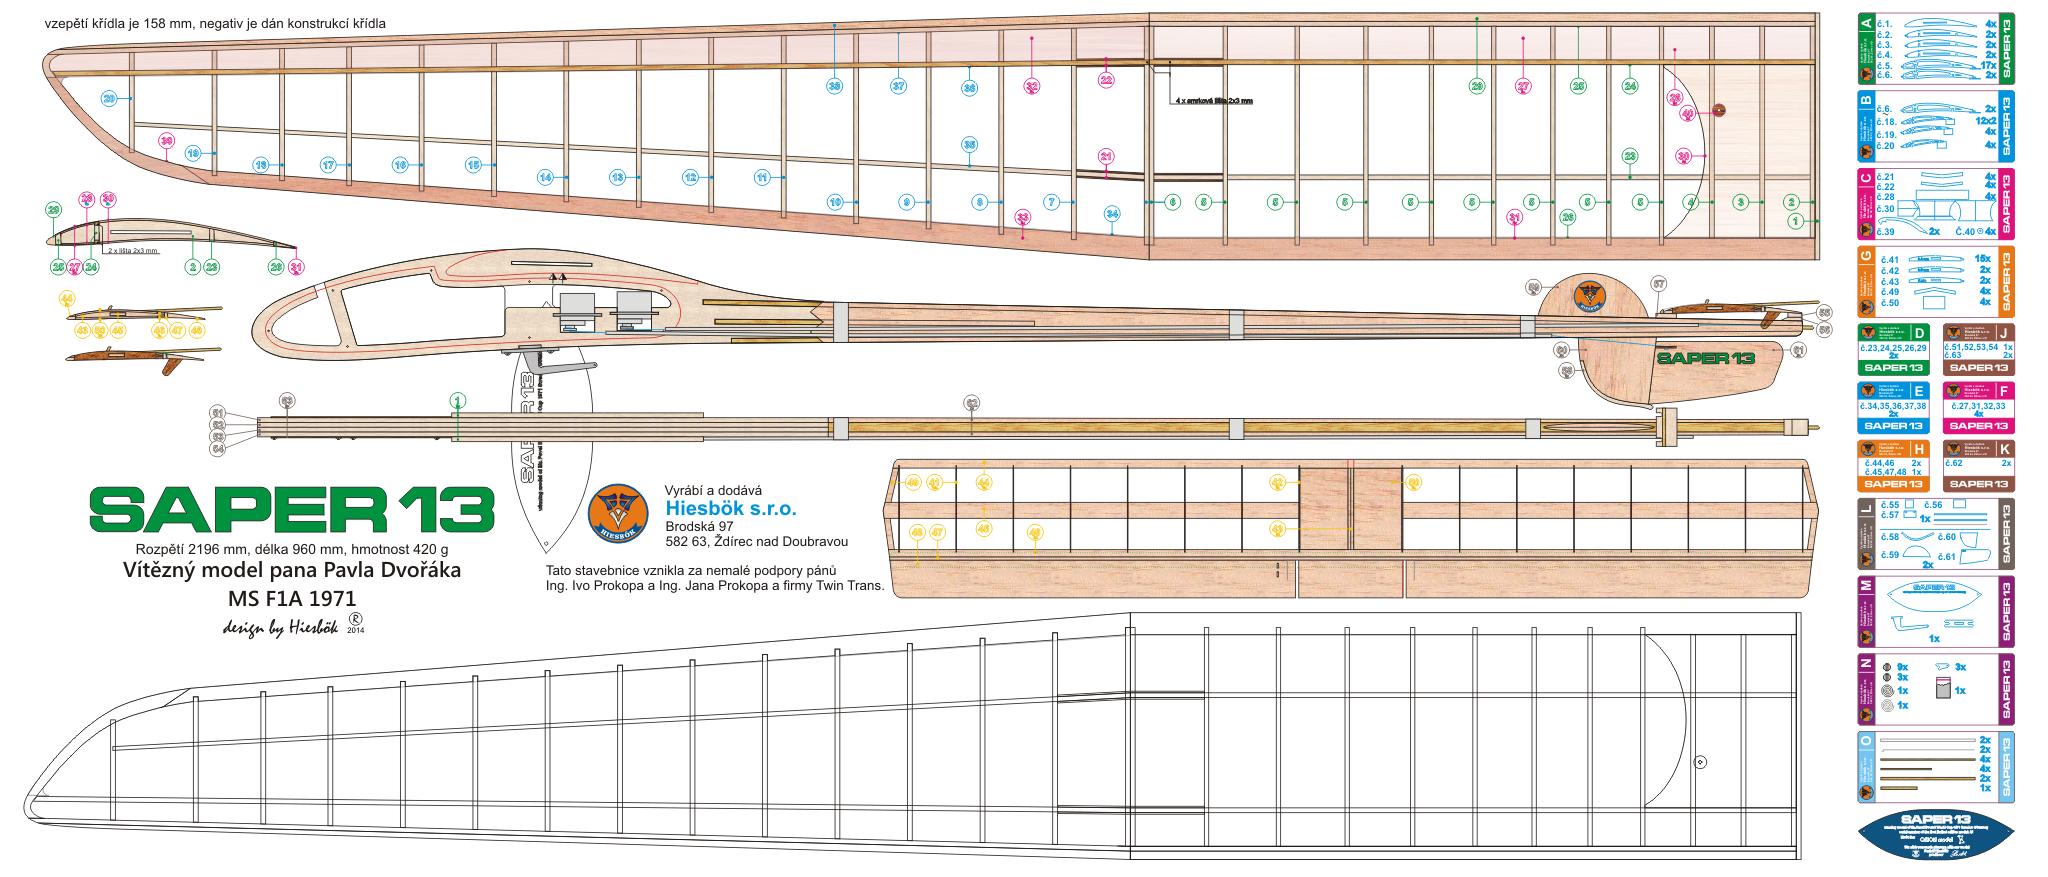 Free Flight Sap 233 R 13 Airplanes Model Kits